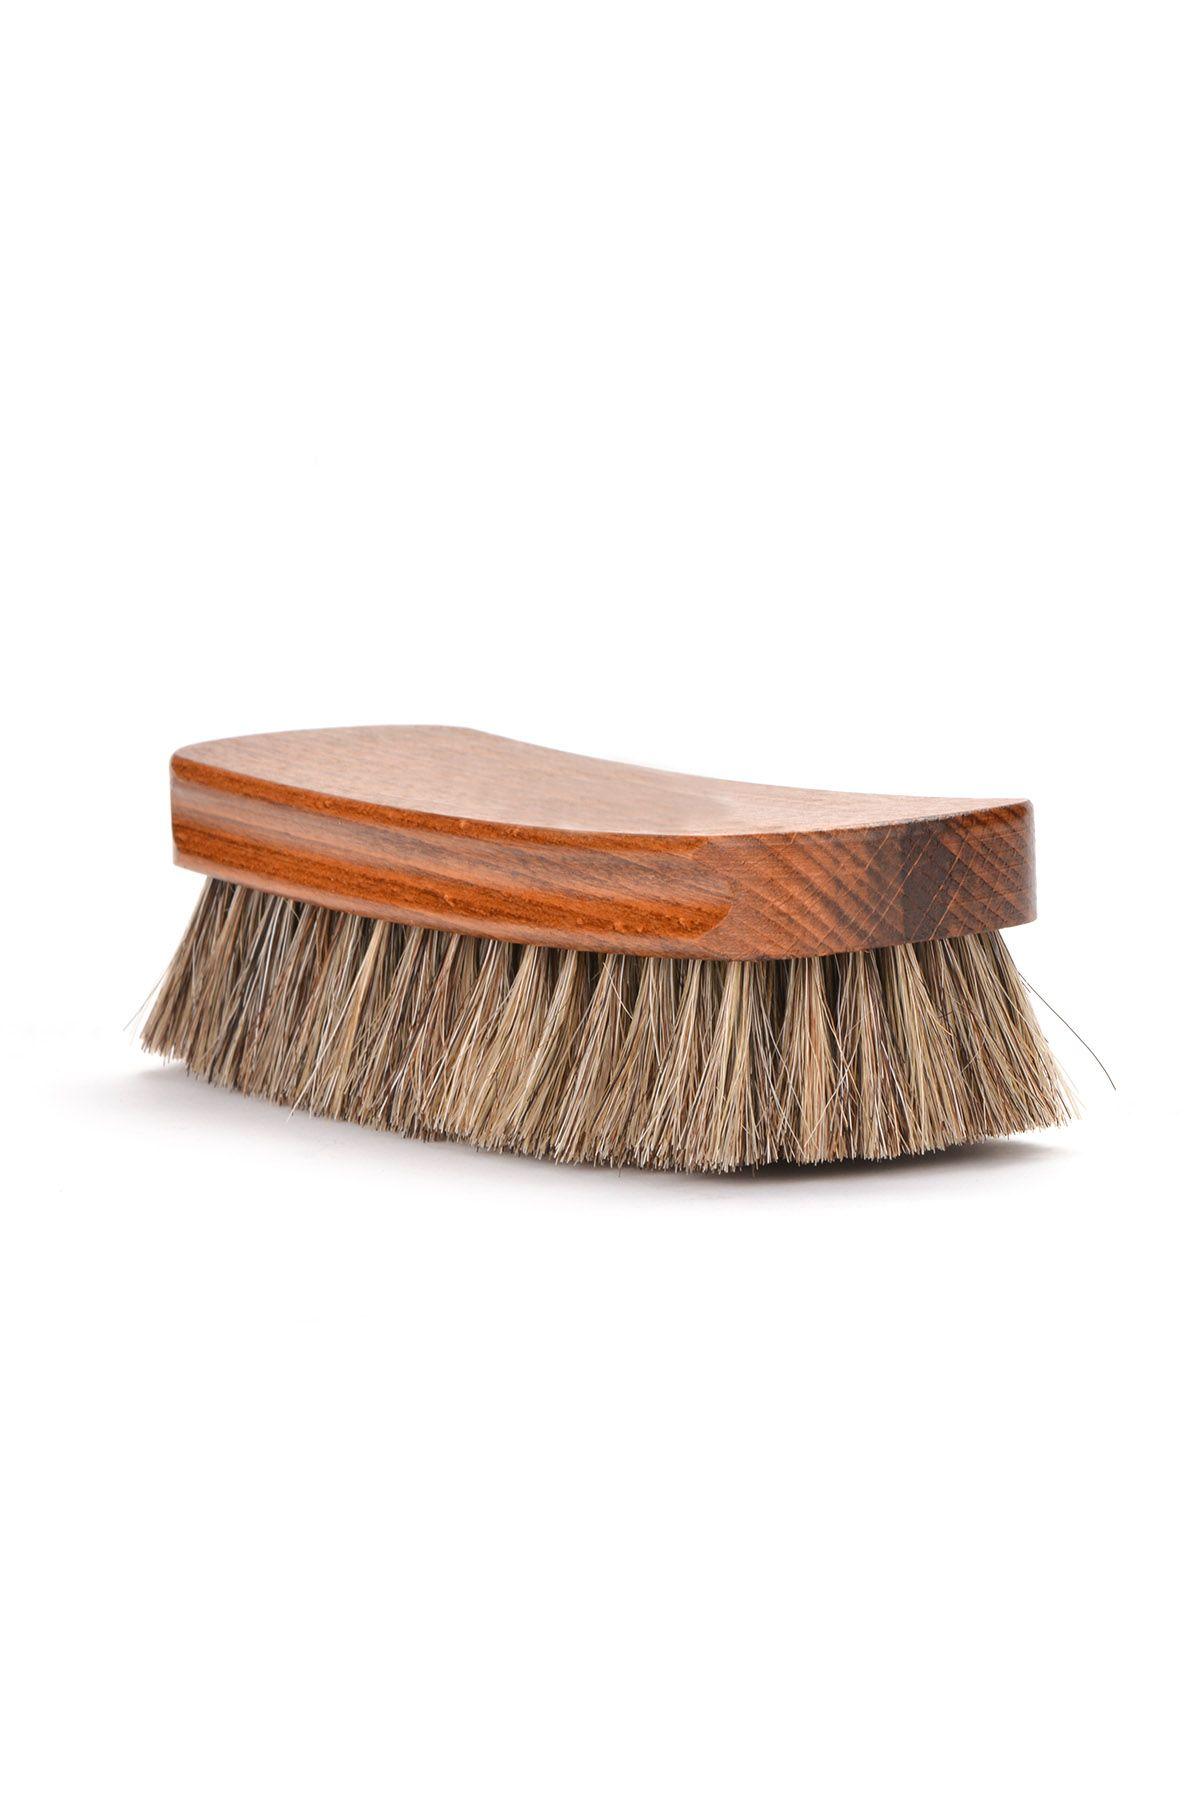 Erdogan Deri Blink Horse Hair Brush For Shoe Cleaning Beige